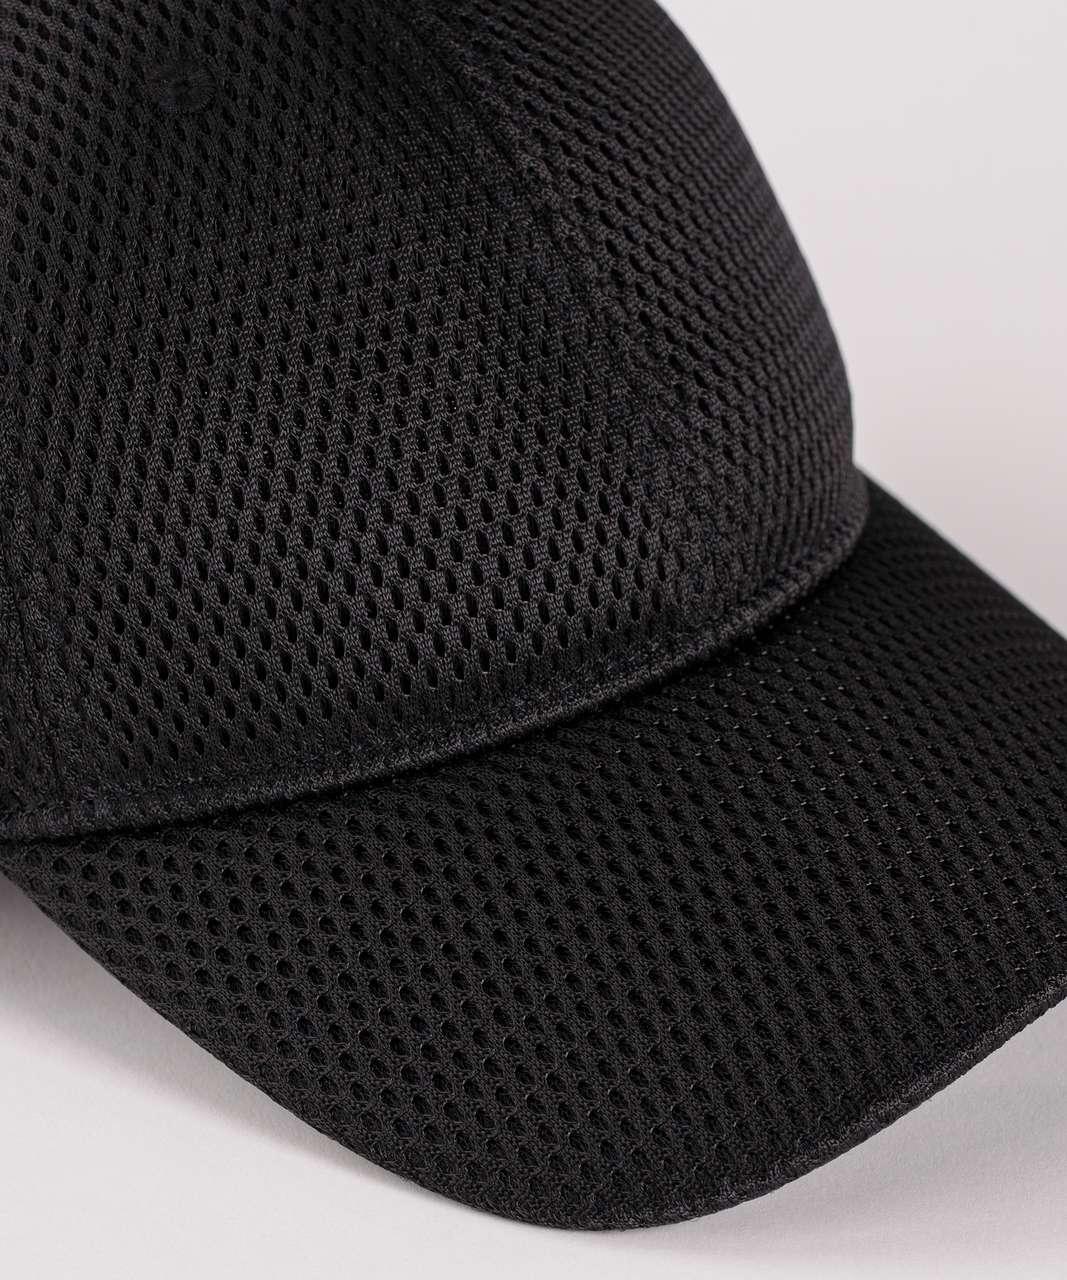 Lululemon Baller Hat (Spacer Mesh) - Black